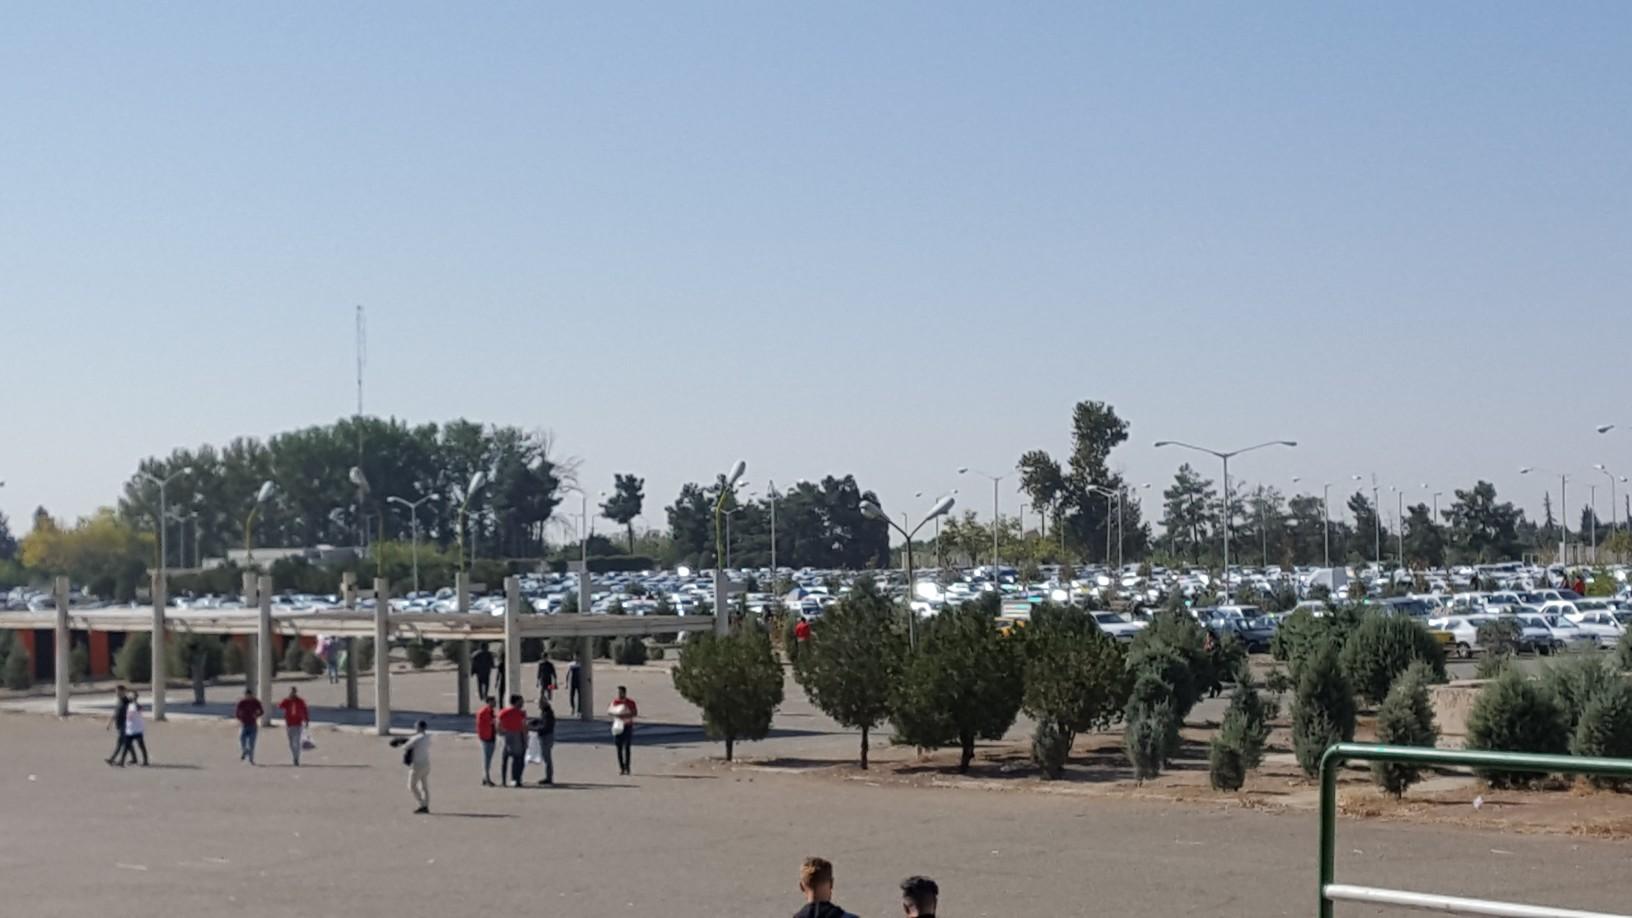 حاشیههای پیش از دیدار پرسپولیس ایران و السد قطر در ورزشگاه آزادی - 10